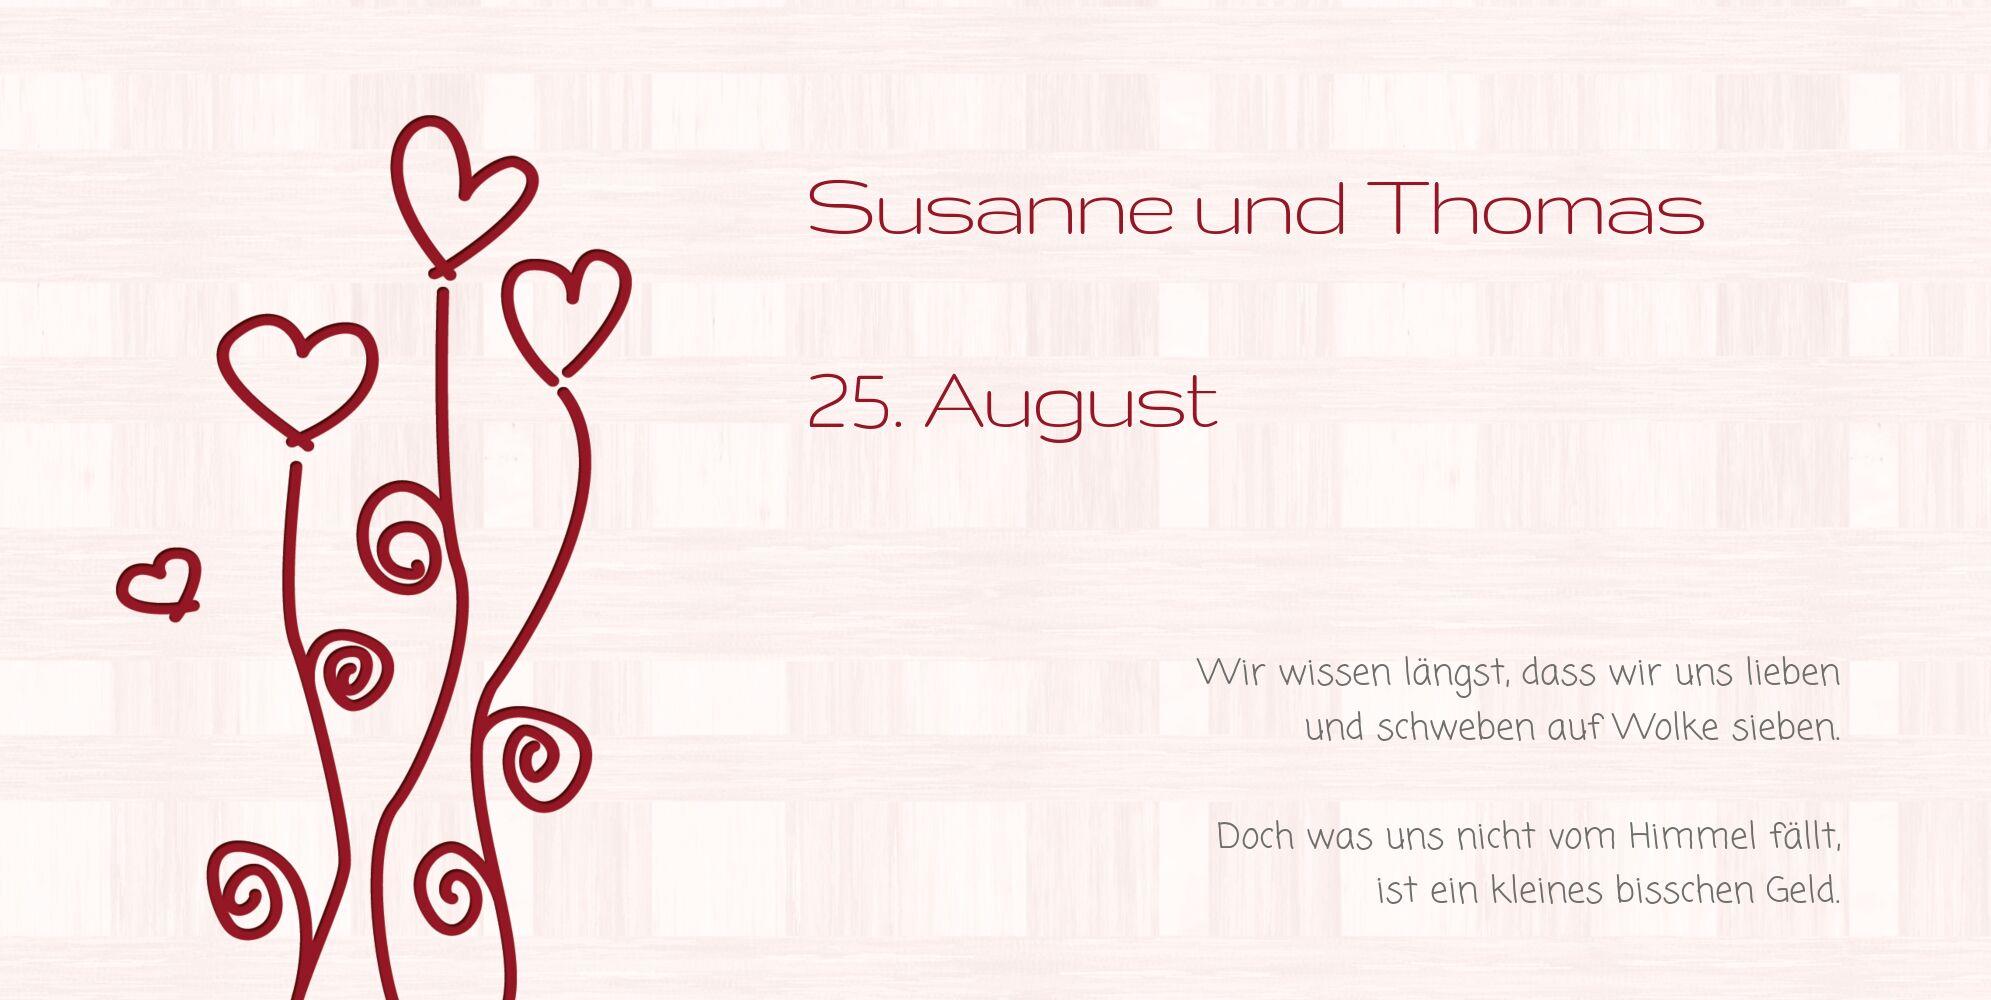 Ansicht 4 - Hochzeit Einladung Liebestraum